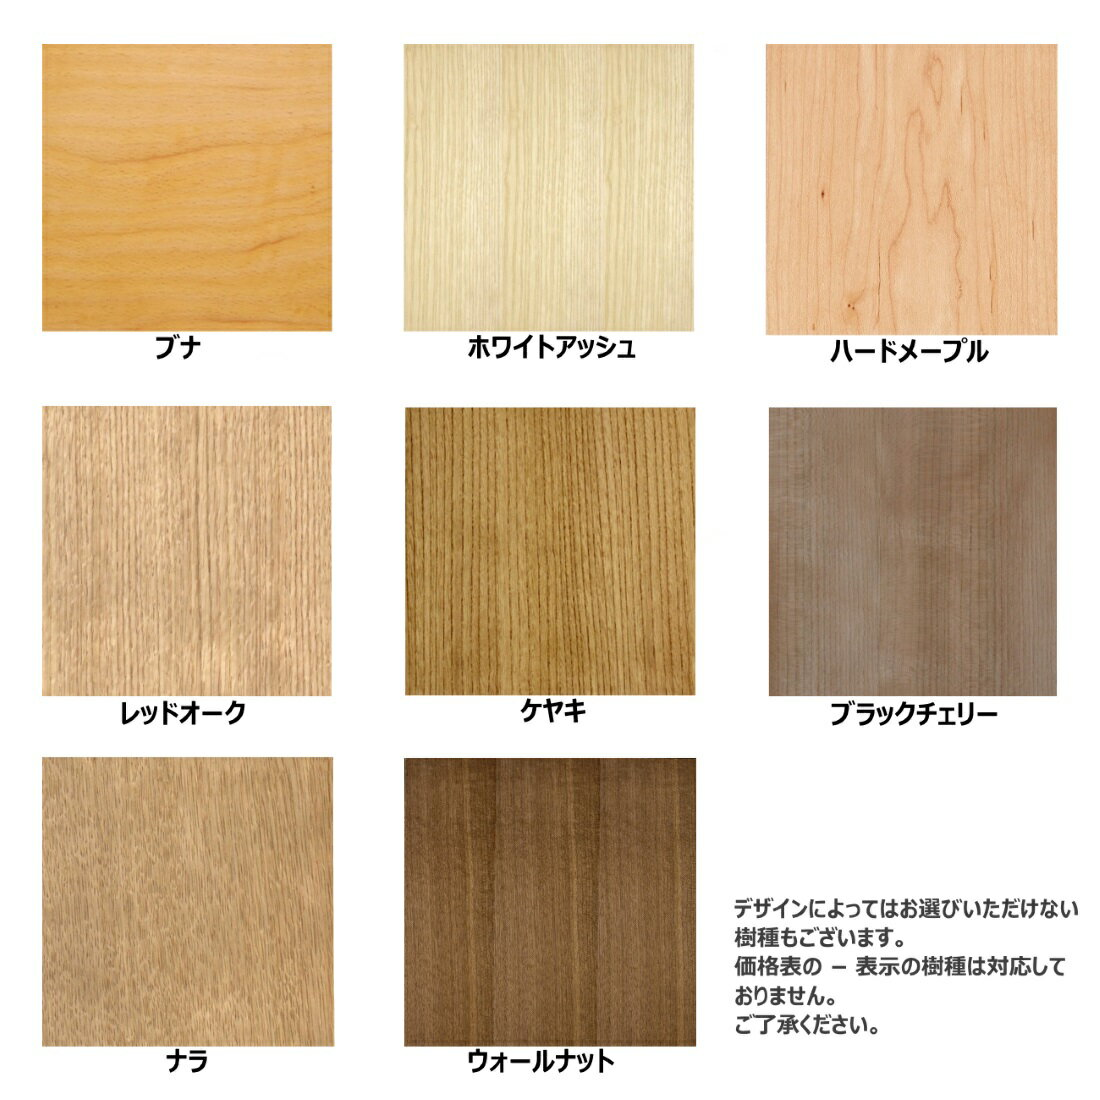 宮崎椅子製作所 KuKuチェア 小泉誠デザイン...の紹介画像3